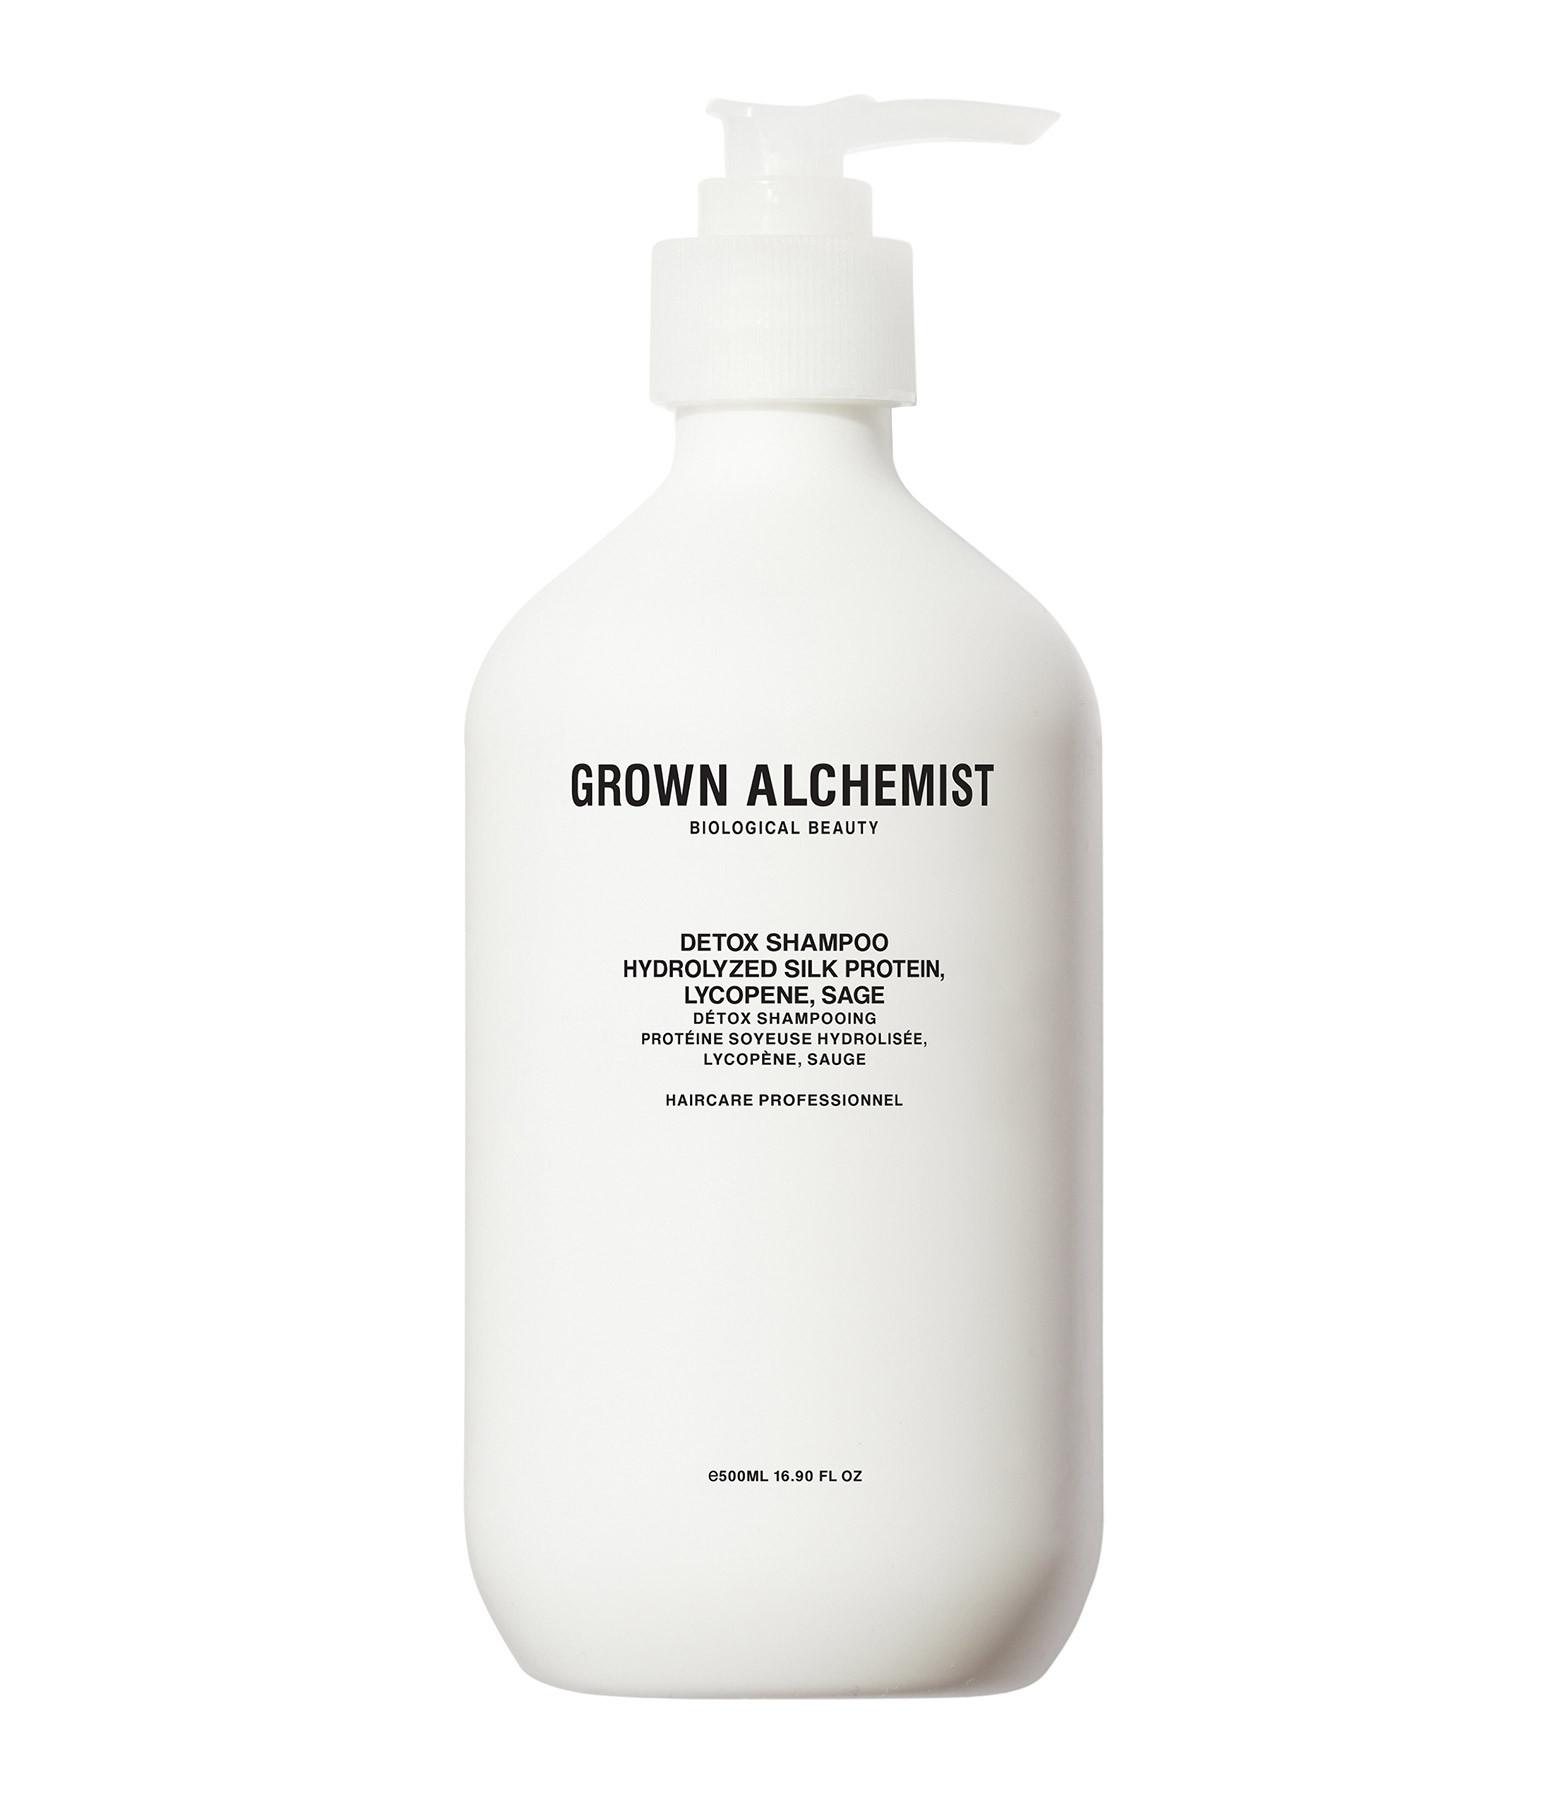 GROWN ALCHEMIST - Shampoing Détox 500 ml